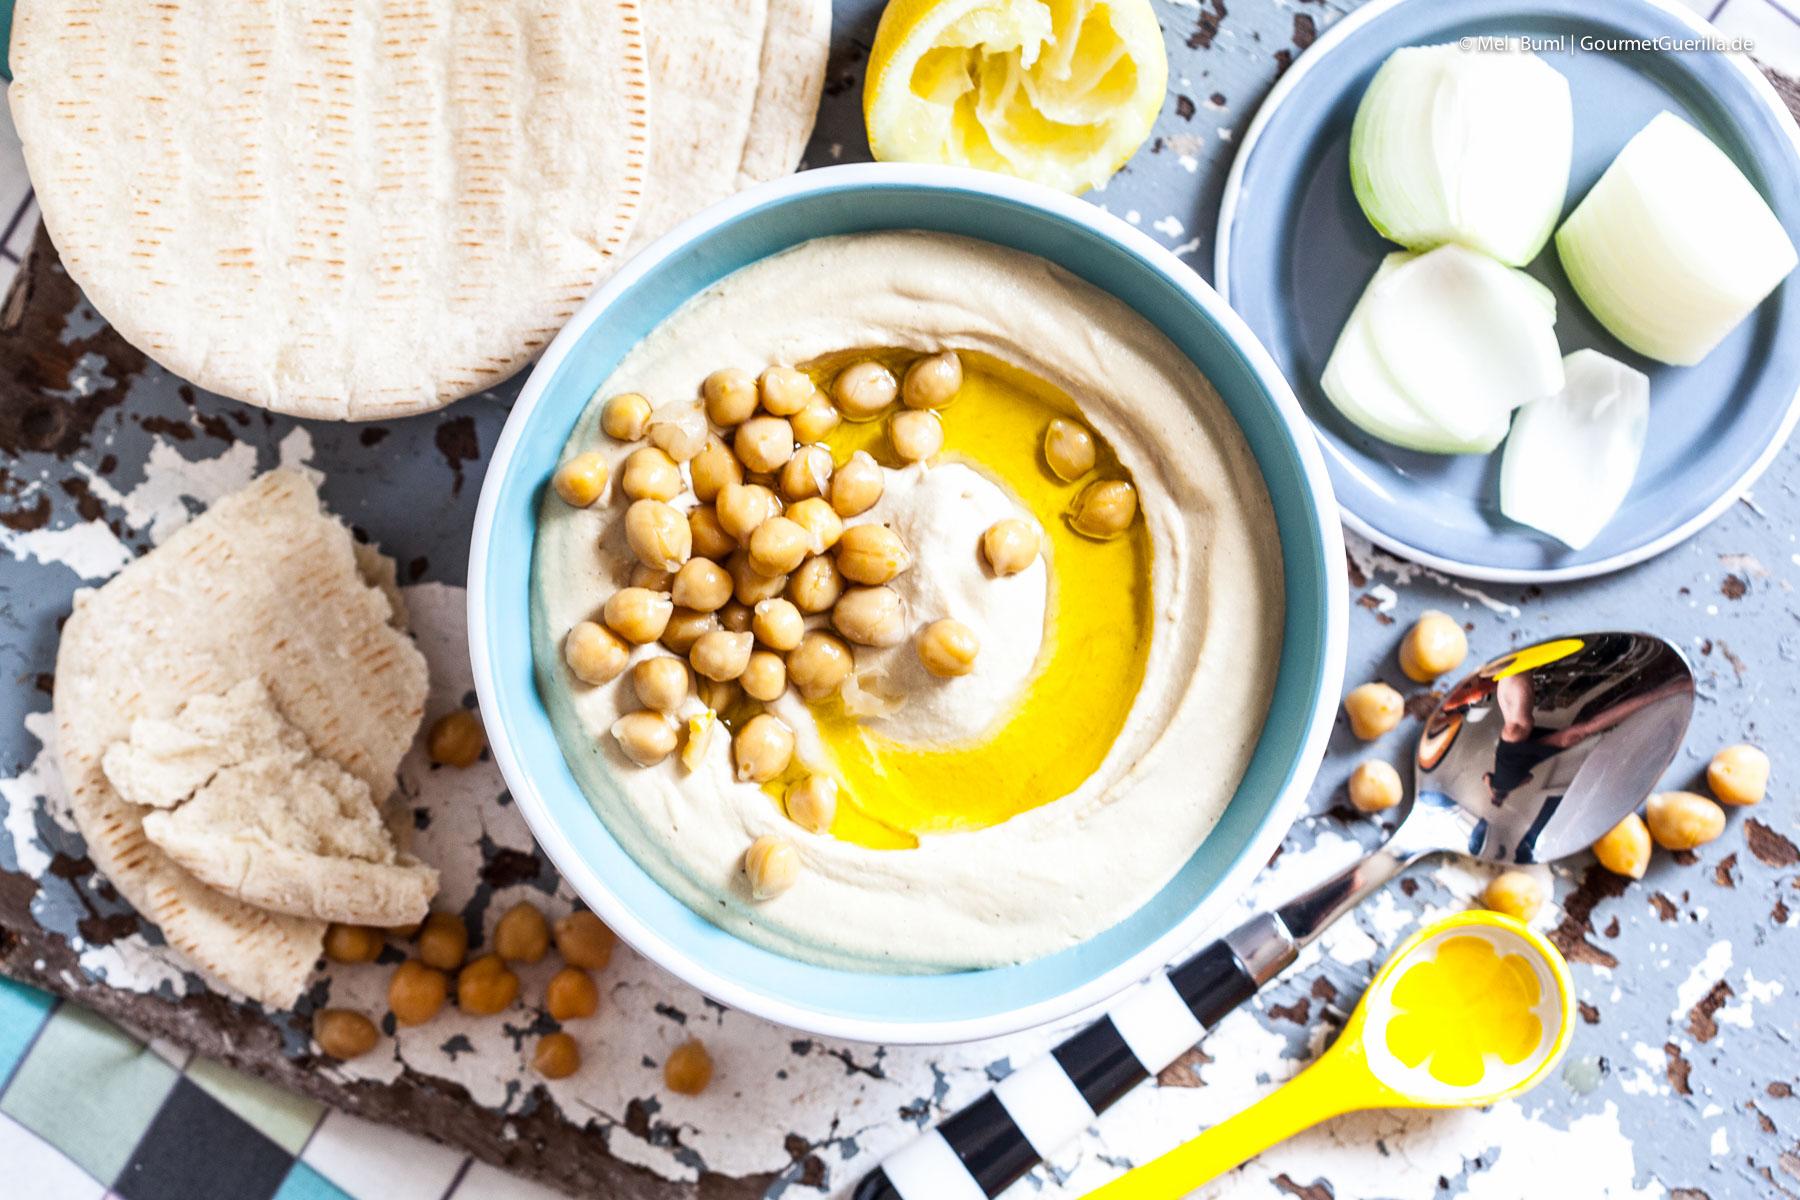 Jüdische Küche Rezepte | Das Original Rezept Fur Wirklich Authentischen Hummus Aus Israel